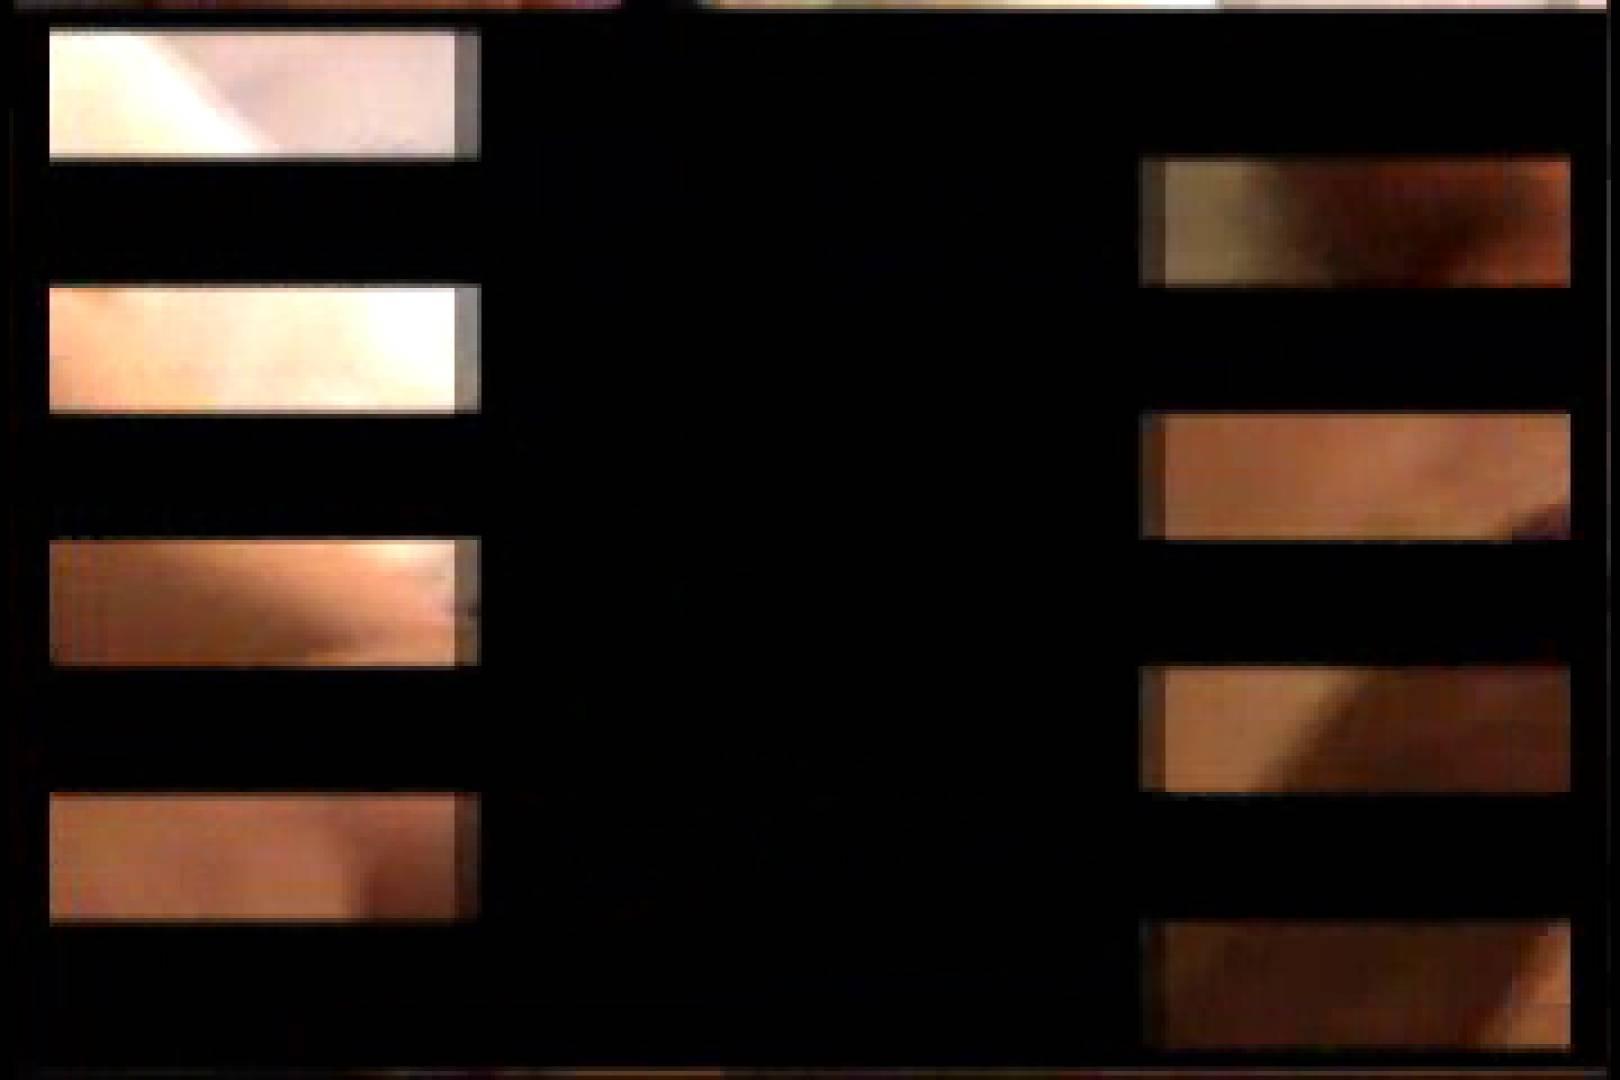 三ツ星シリーズ!!陰間茶屋独占!!第二弾!!イケメン羞恥心File.05 ところてん ゲイエロビデオ画像 106pic 77